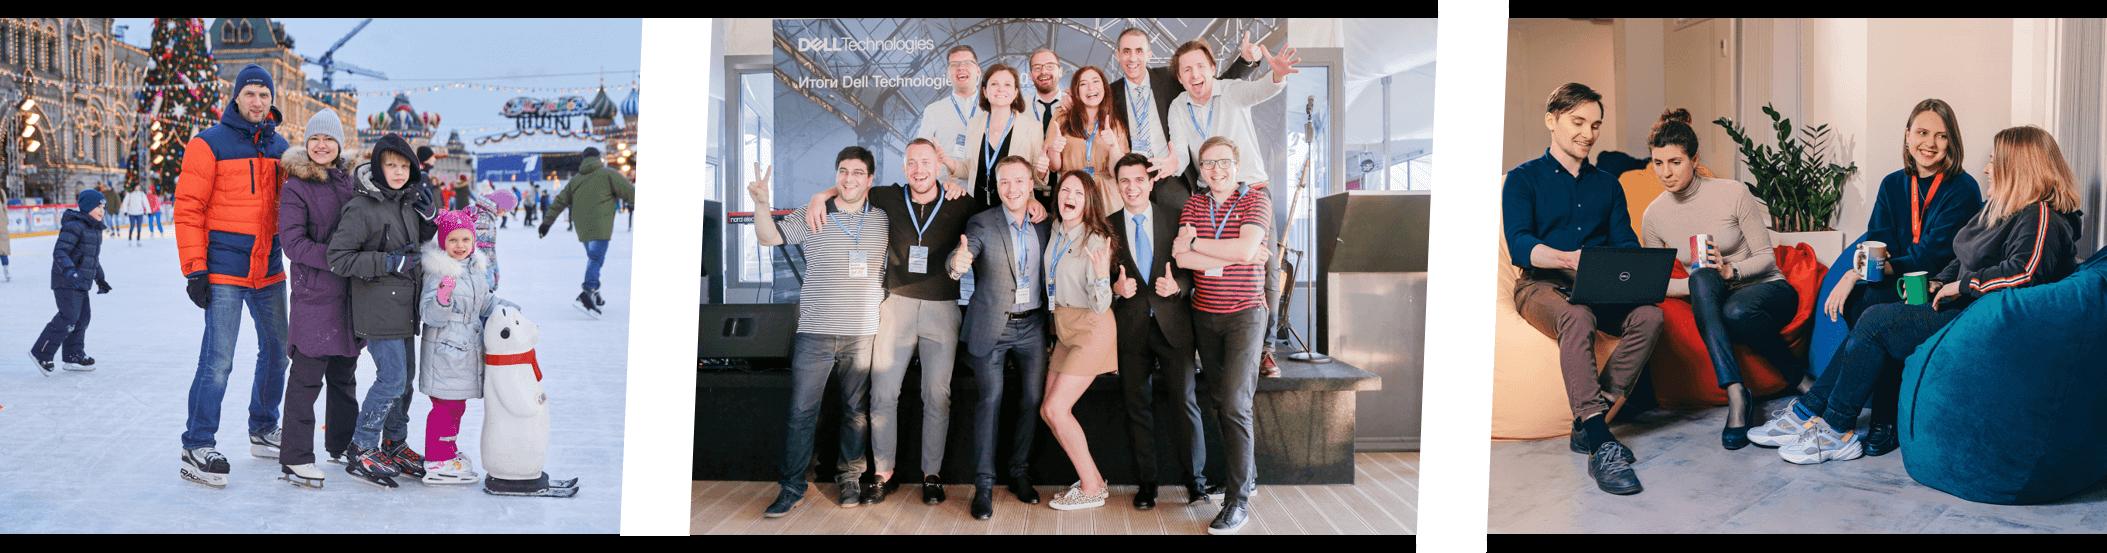 Dell Russia team